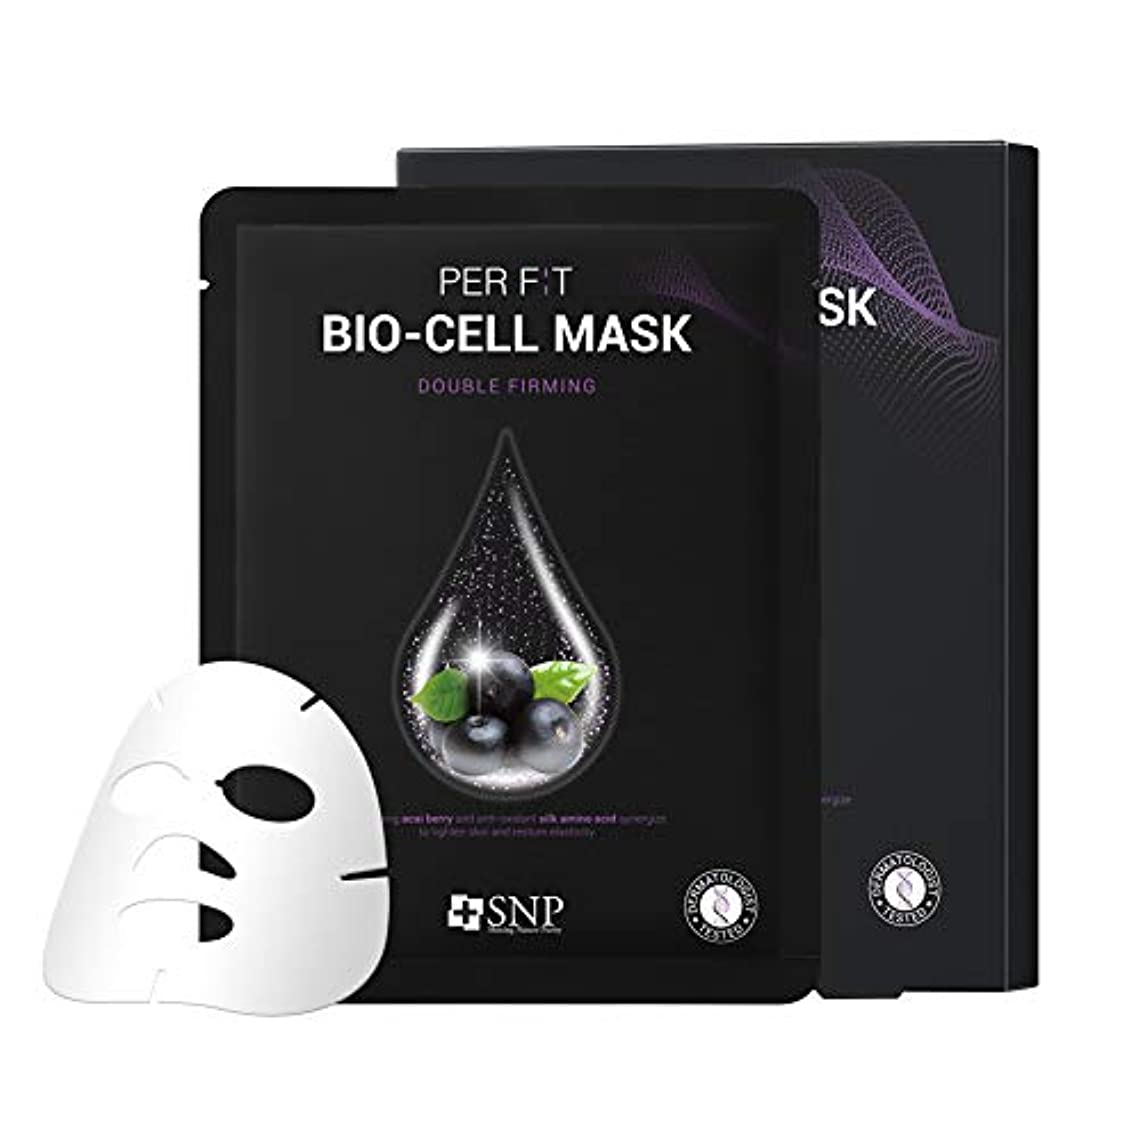 重要宝石筋【SNP公式】パーフィット バイオセルマスク ダブルファーミング 5枚セット / PER F:T BIO-CELL MASK DOUBLE FIRMING 韓国パック 韓国コスメ パック マスクパック シートマスク